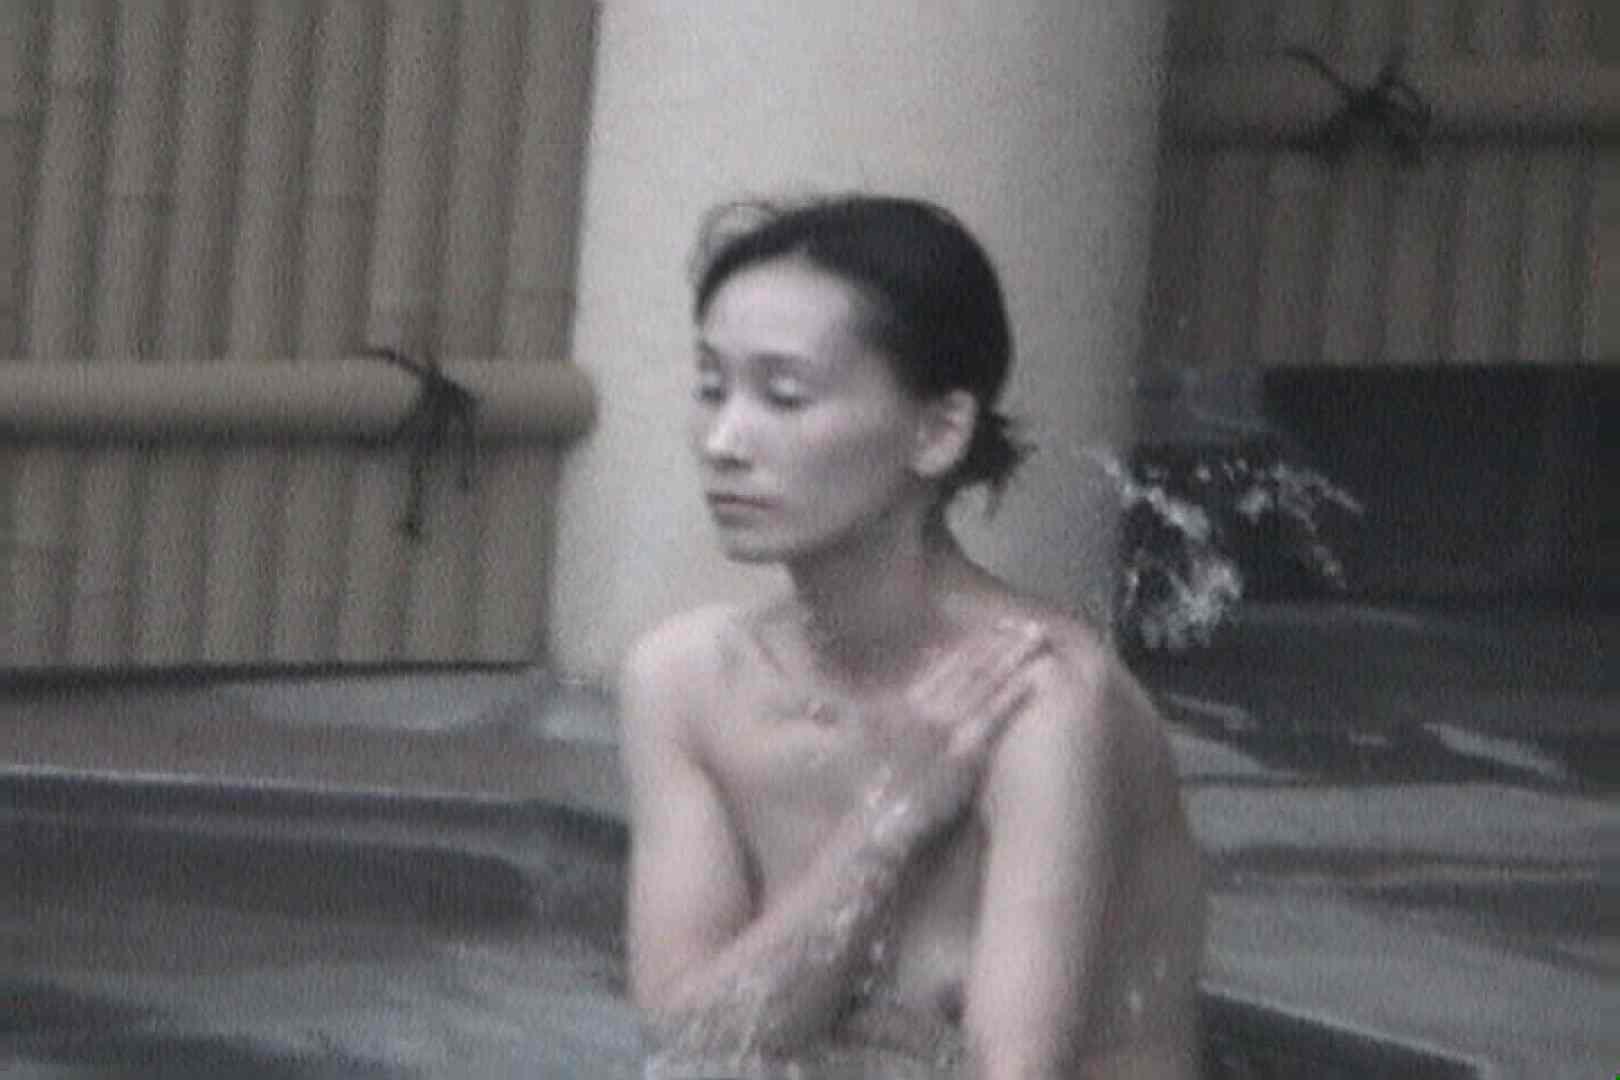 Aquaな露天風呂Vol.557 綺麗なOLたち | 盗撮  78枚 70